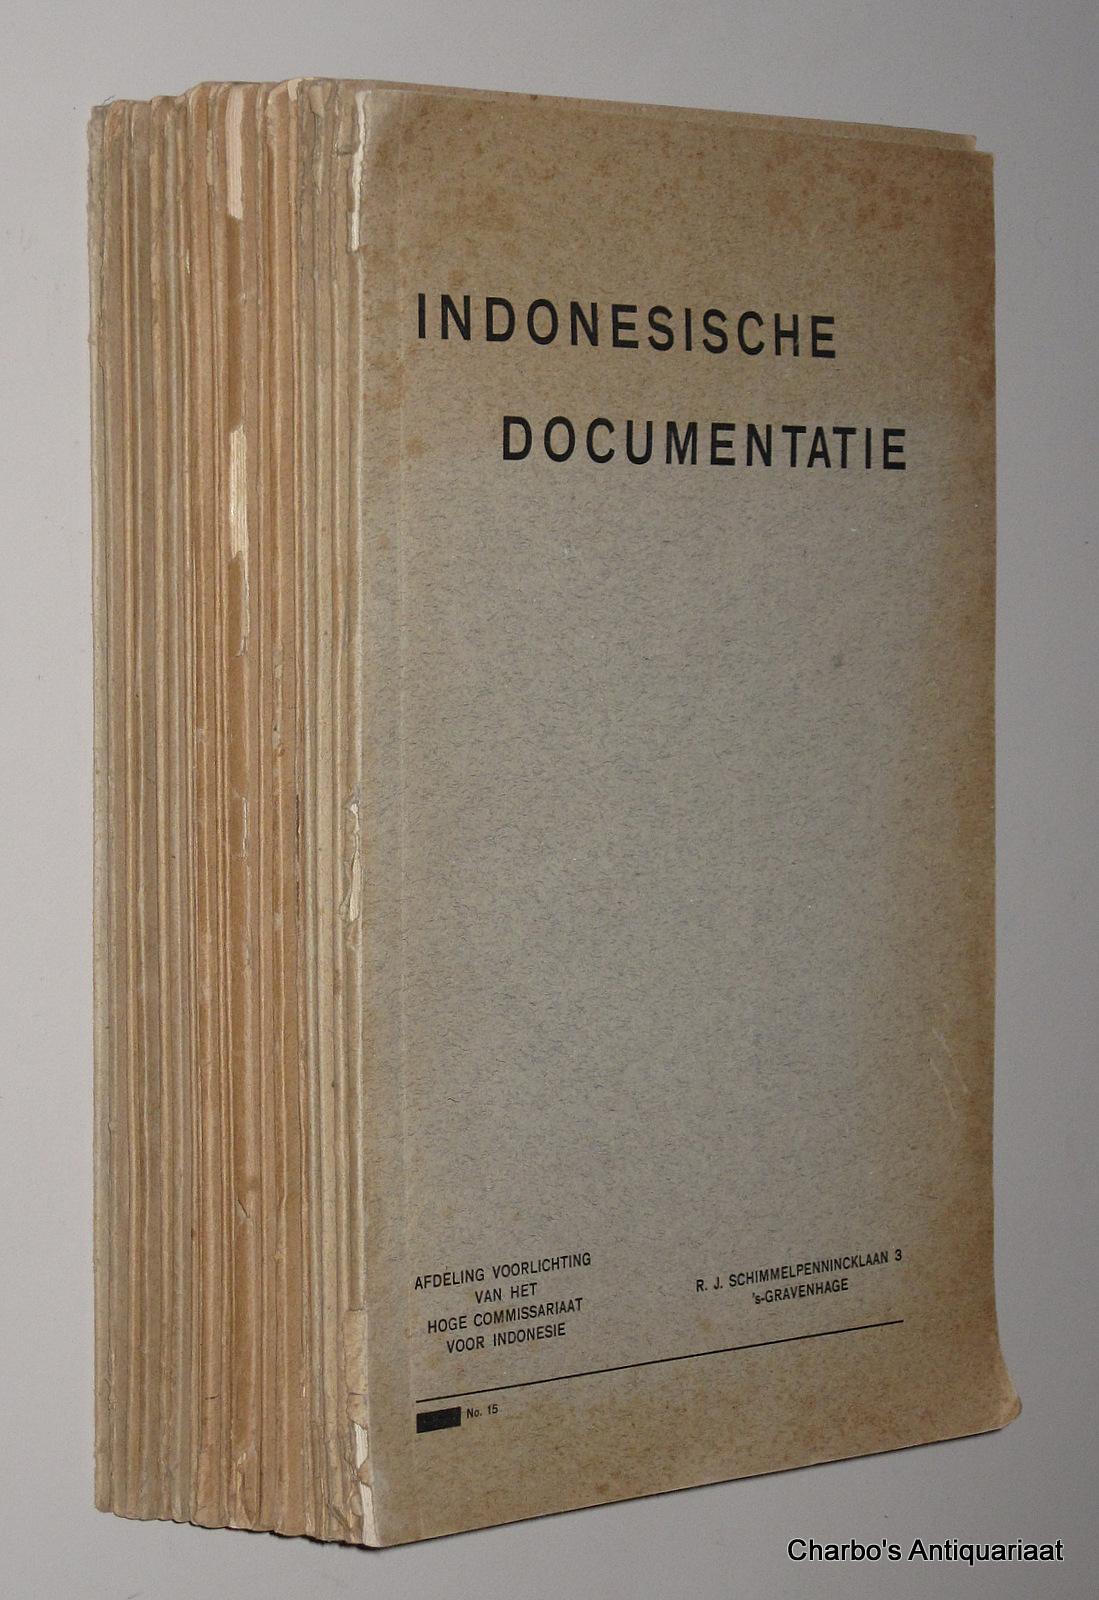 INDONESISCHE VOORLICHTINGSDIENST, -  Indonesische Documentatie: 1952, nos. 15, 16, 17, 19,  25 Oct. - 20 Dec. 1952. From 1953: Indonesisch Bulletin: 1954, nos. 3-10, 12; 1955, no. 1; 1956, nos. 2-7; 1957, nos. 2-3.